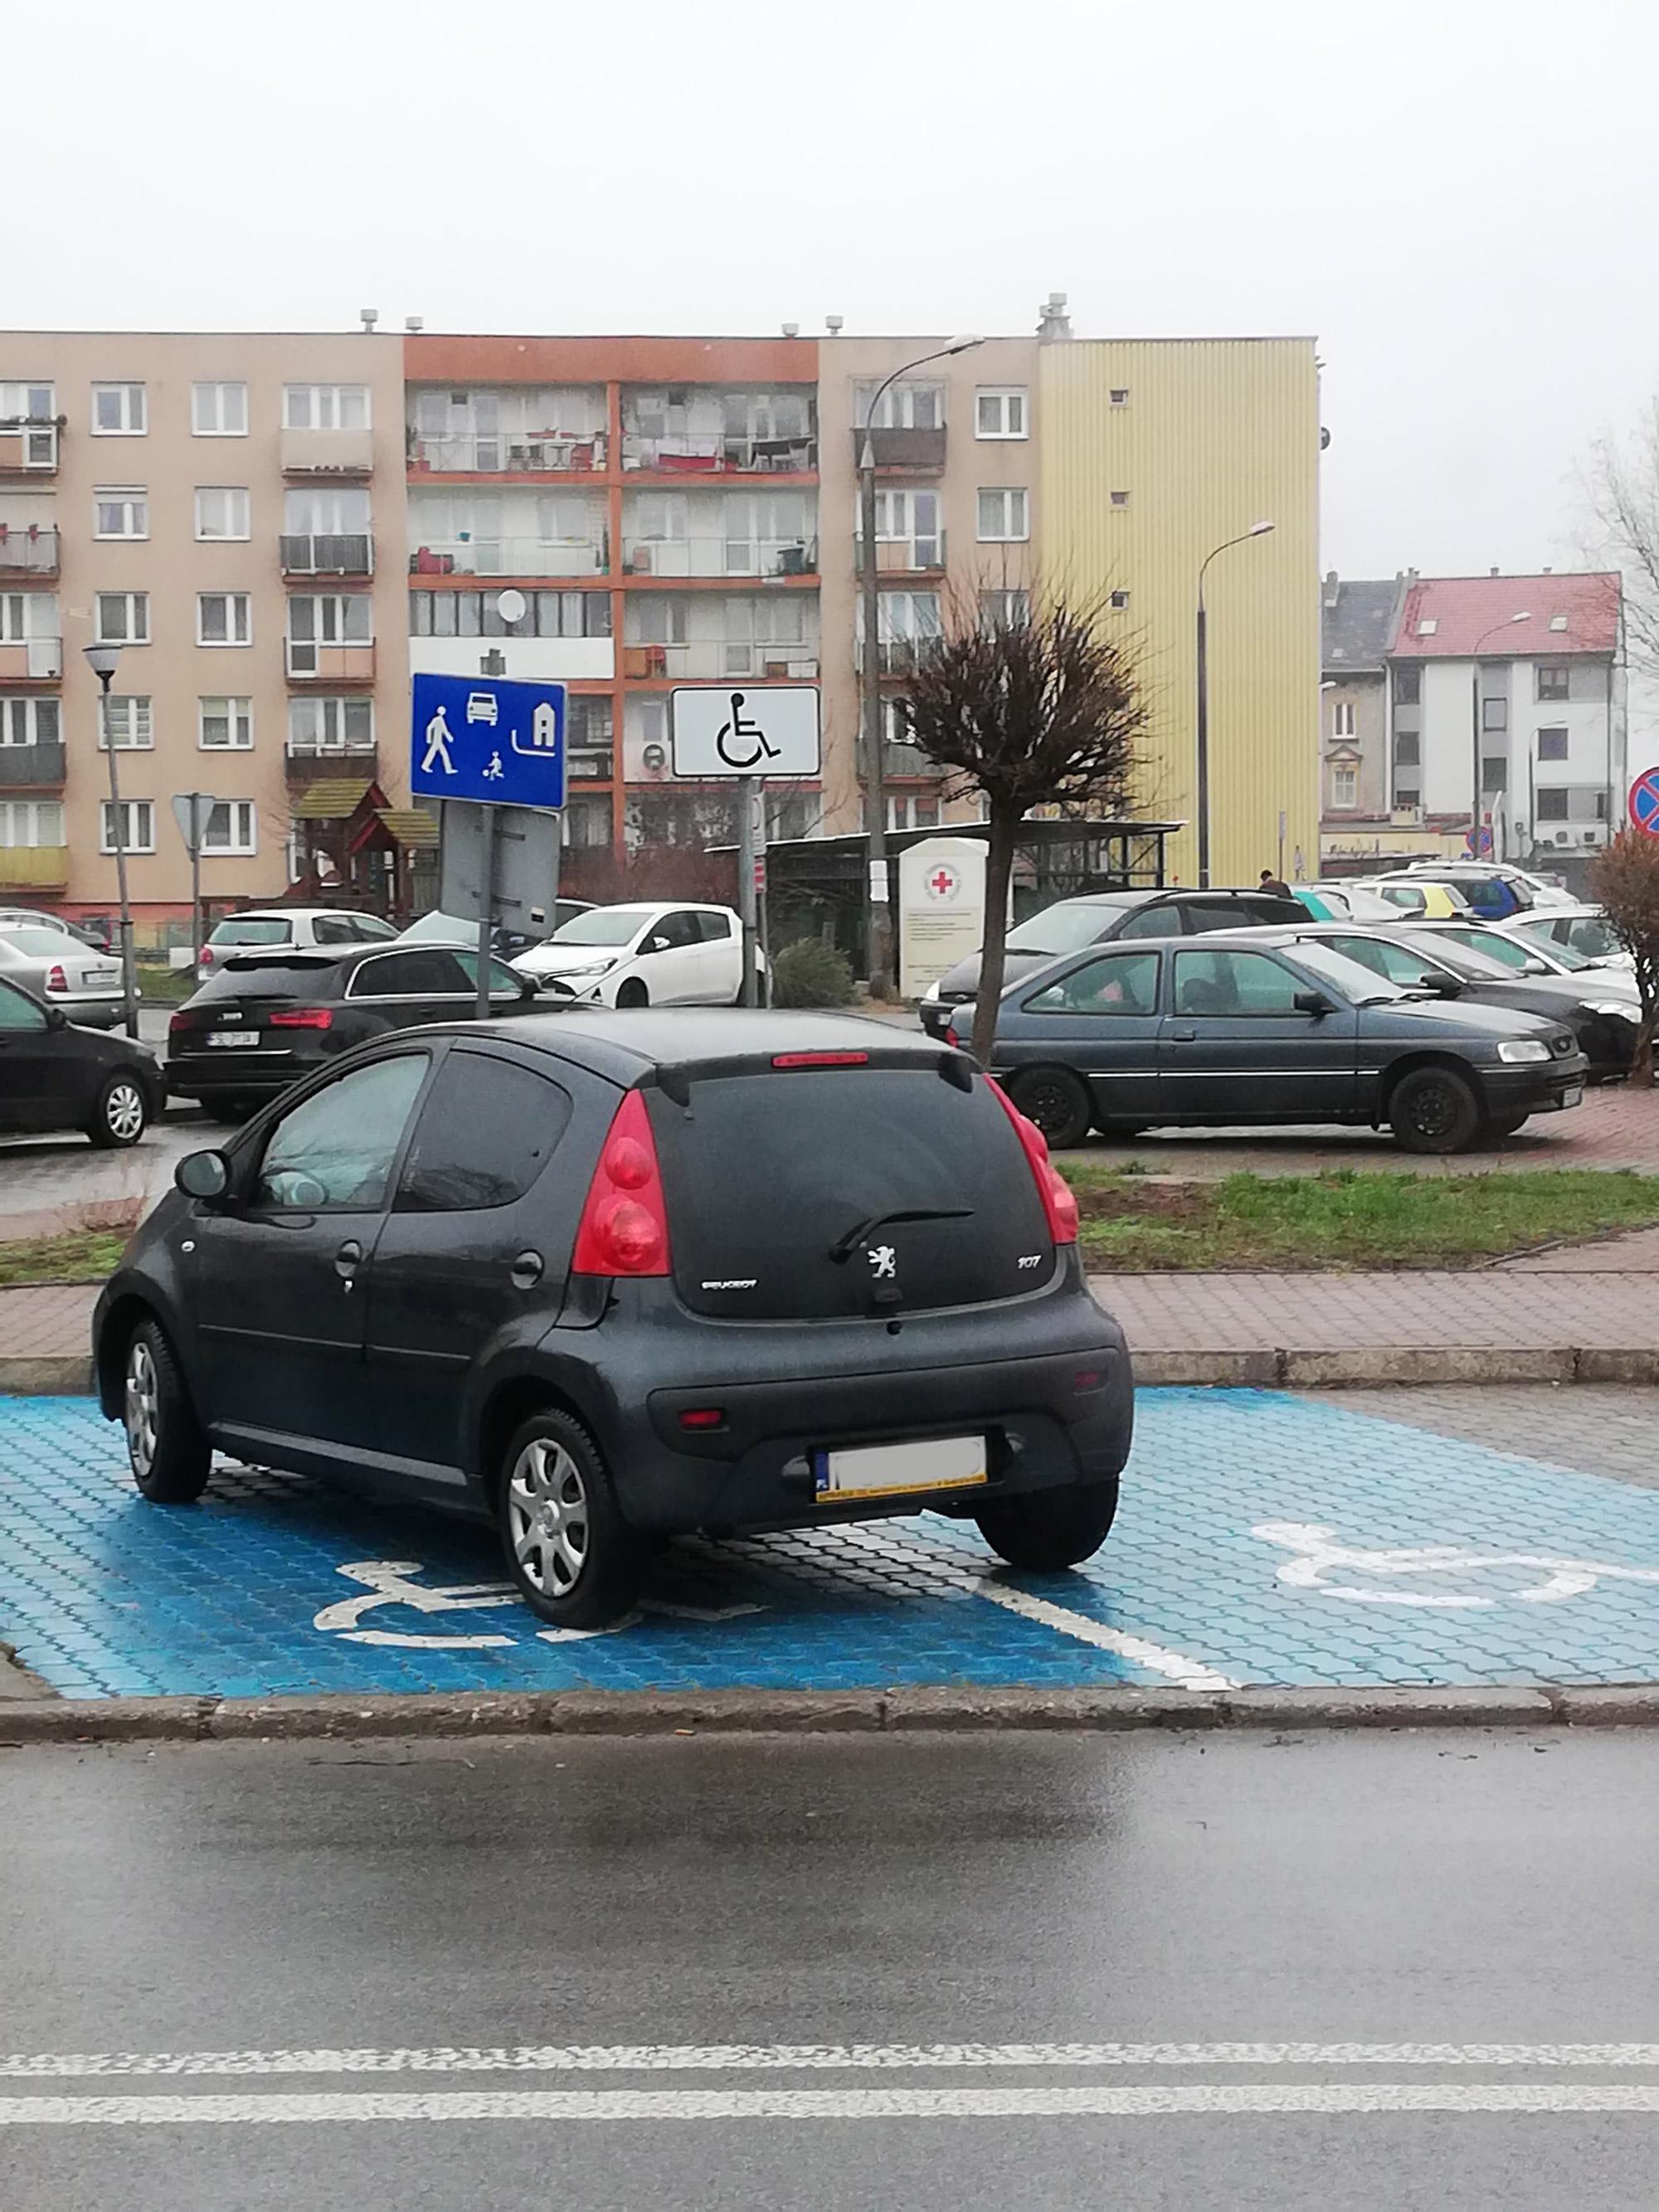 parkowanie_zle.jpg